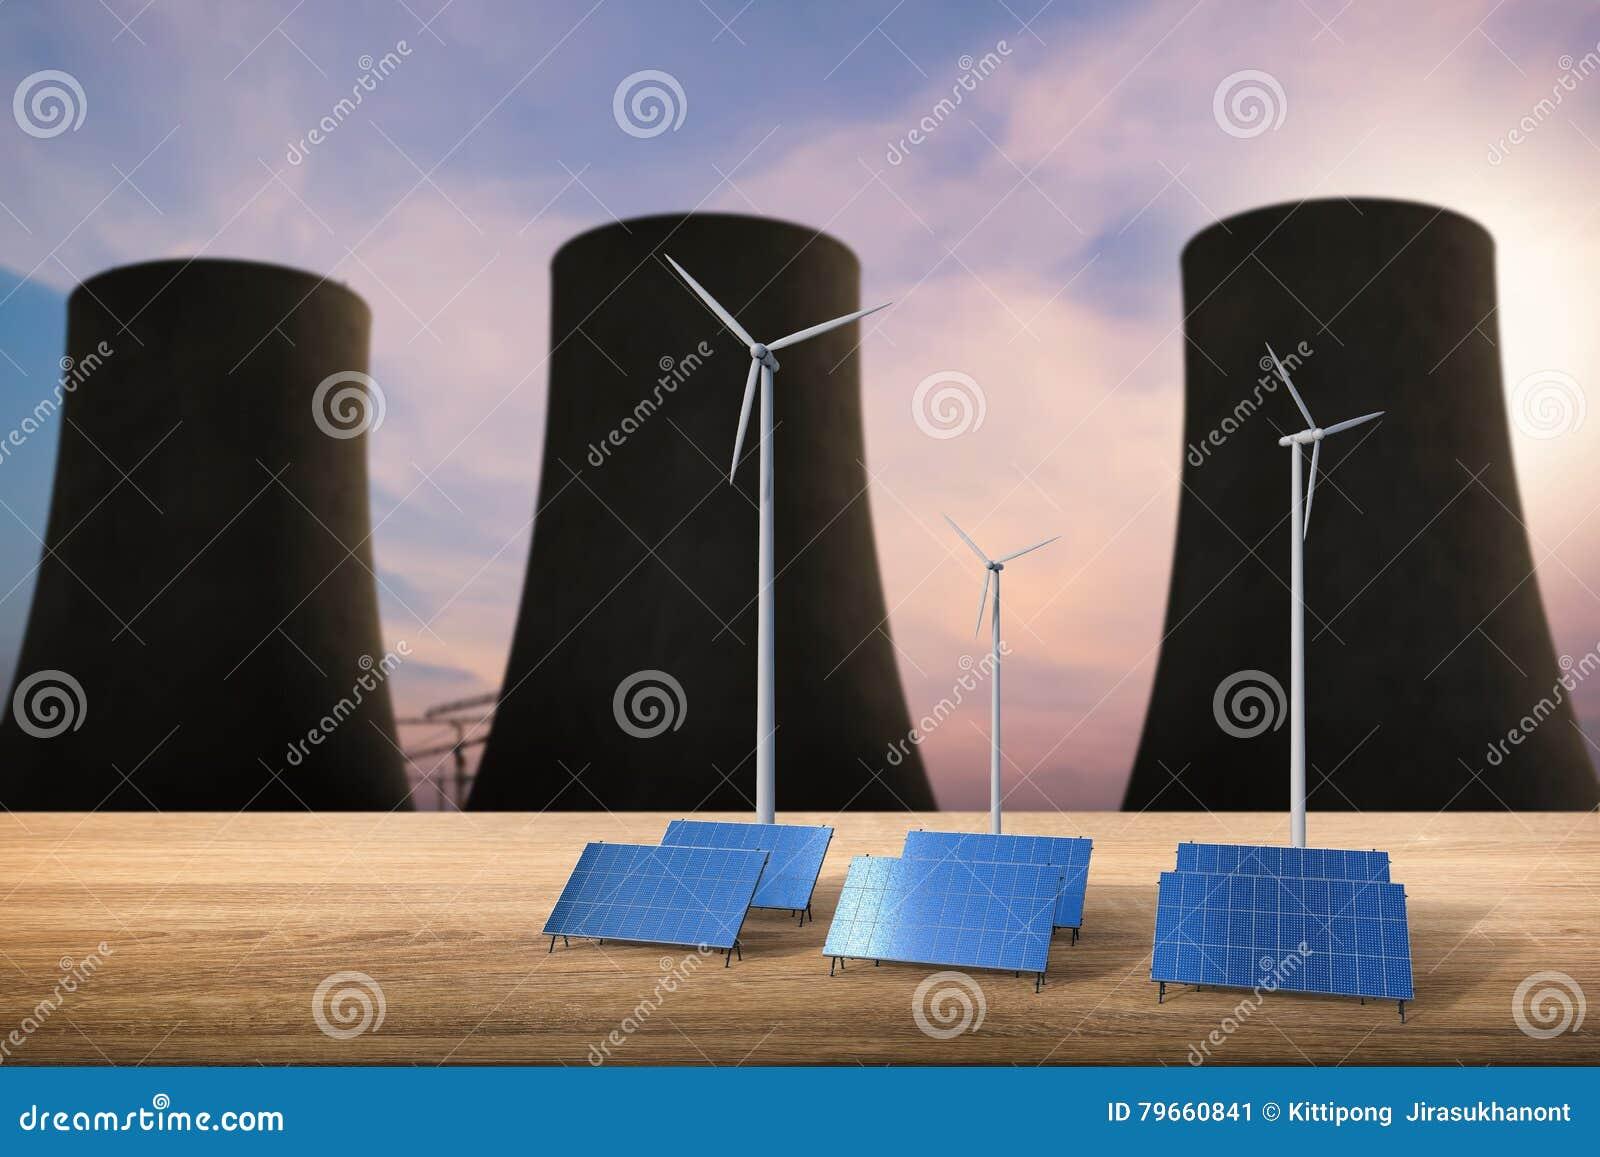 Energibegreppet med sol- celler, vindturbiner och kärn- reagerar